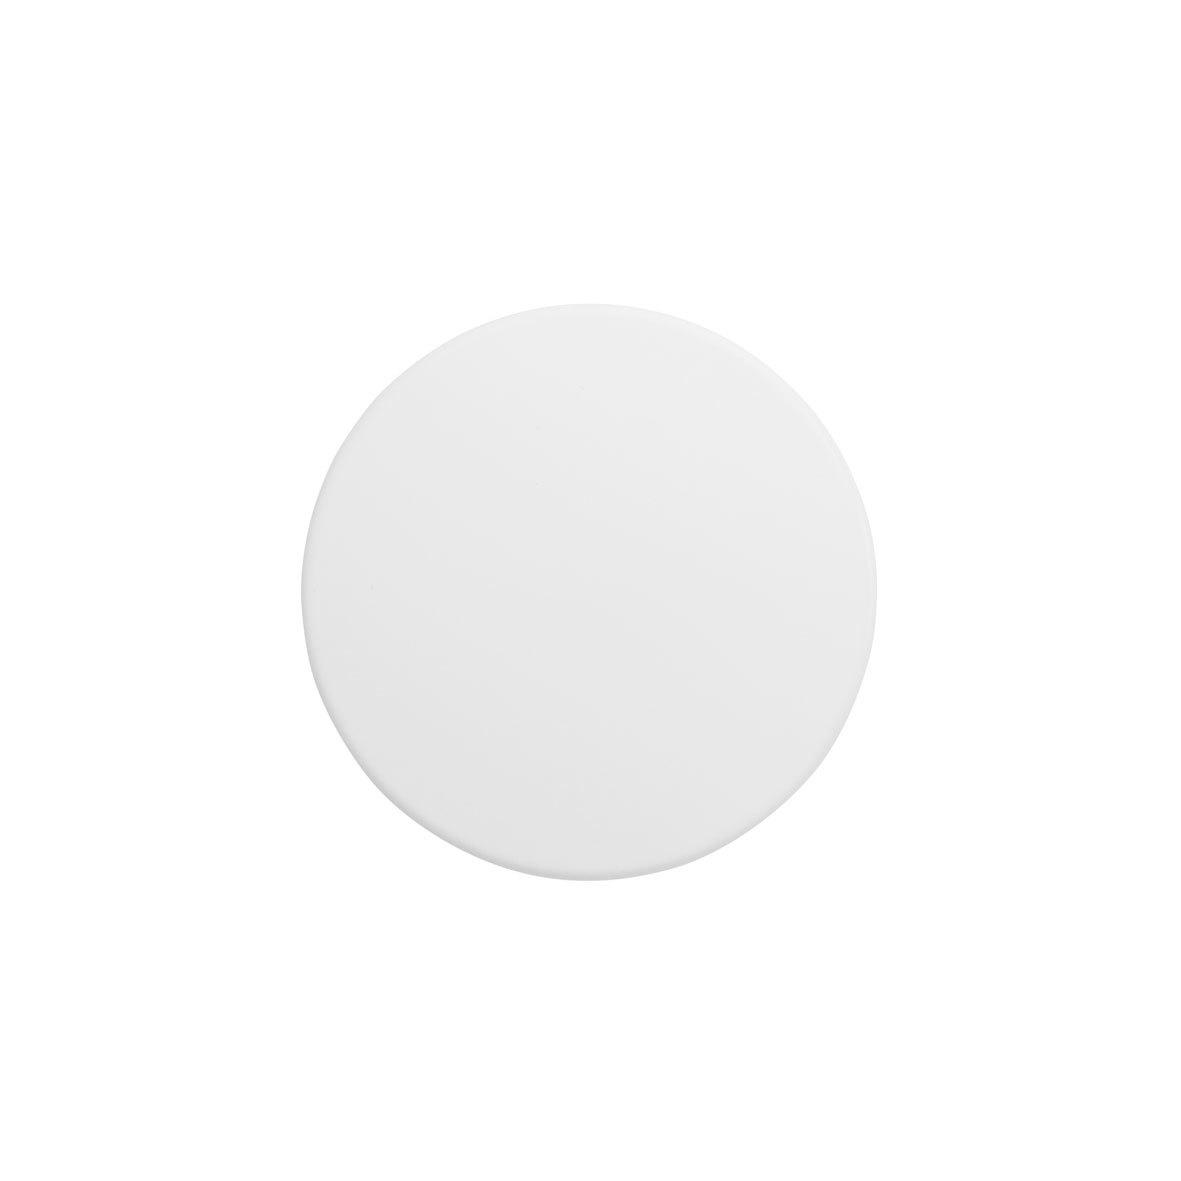 Емкость с крышкой для хранения Brabantia Window canister, объем 1,4 л, белый Brabantia 306082 фото 1